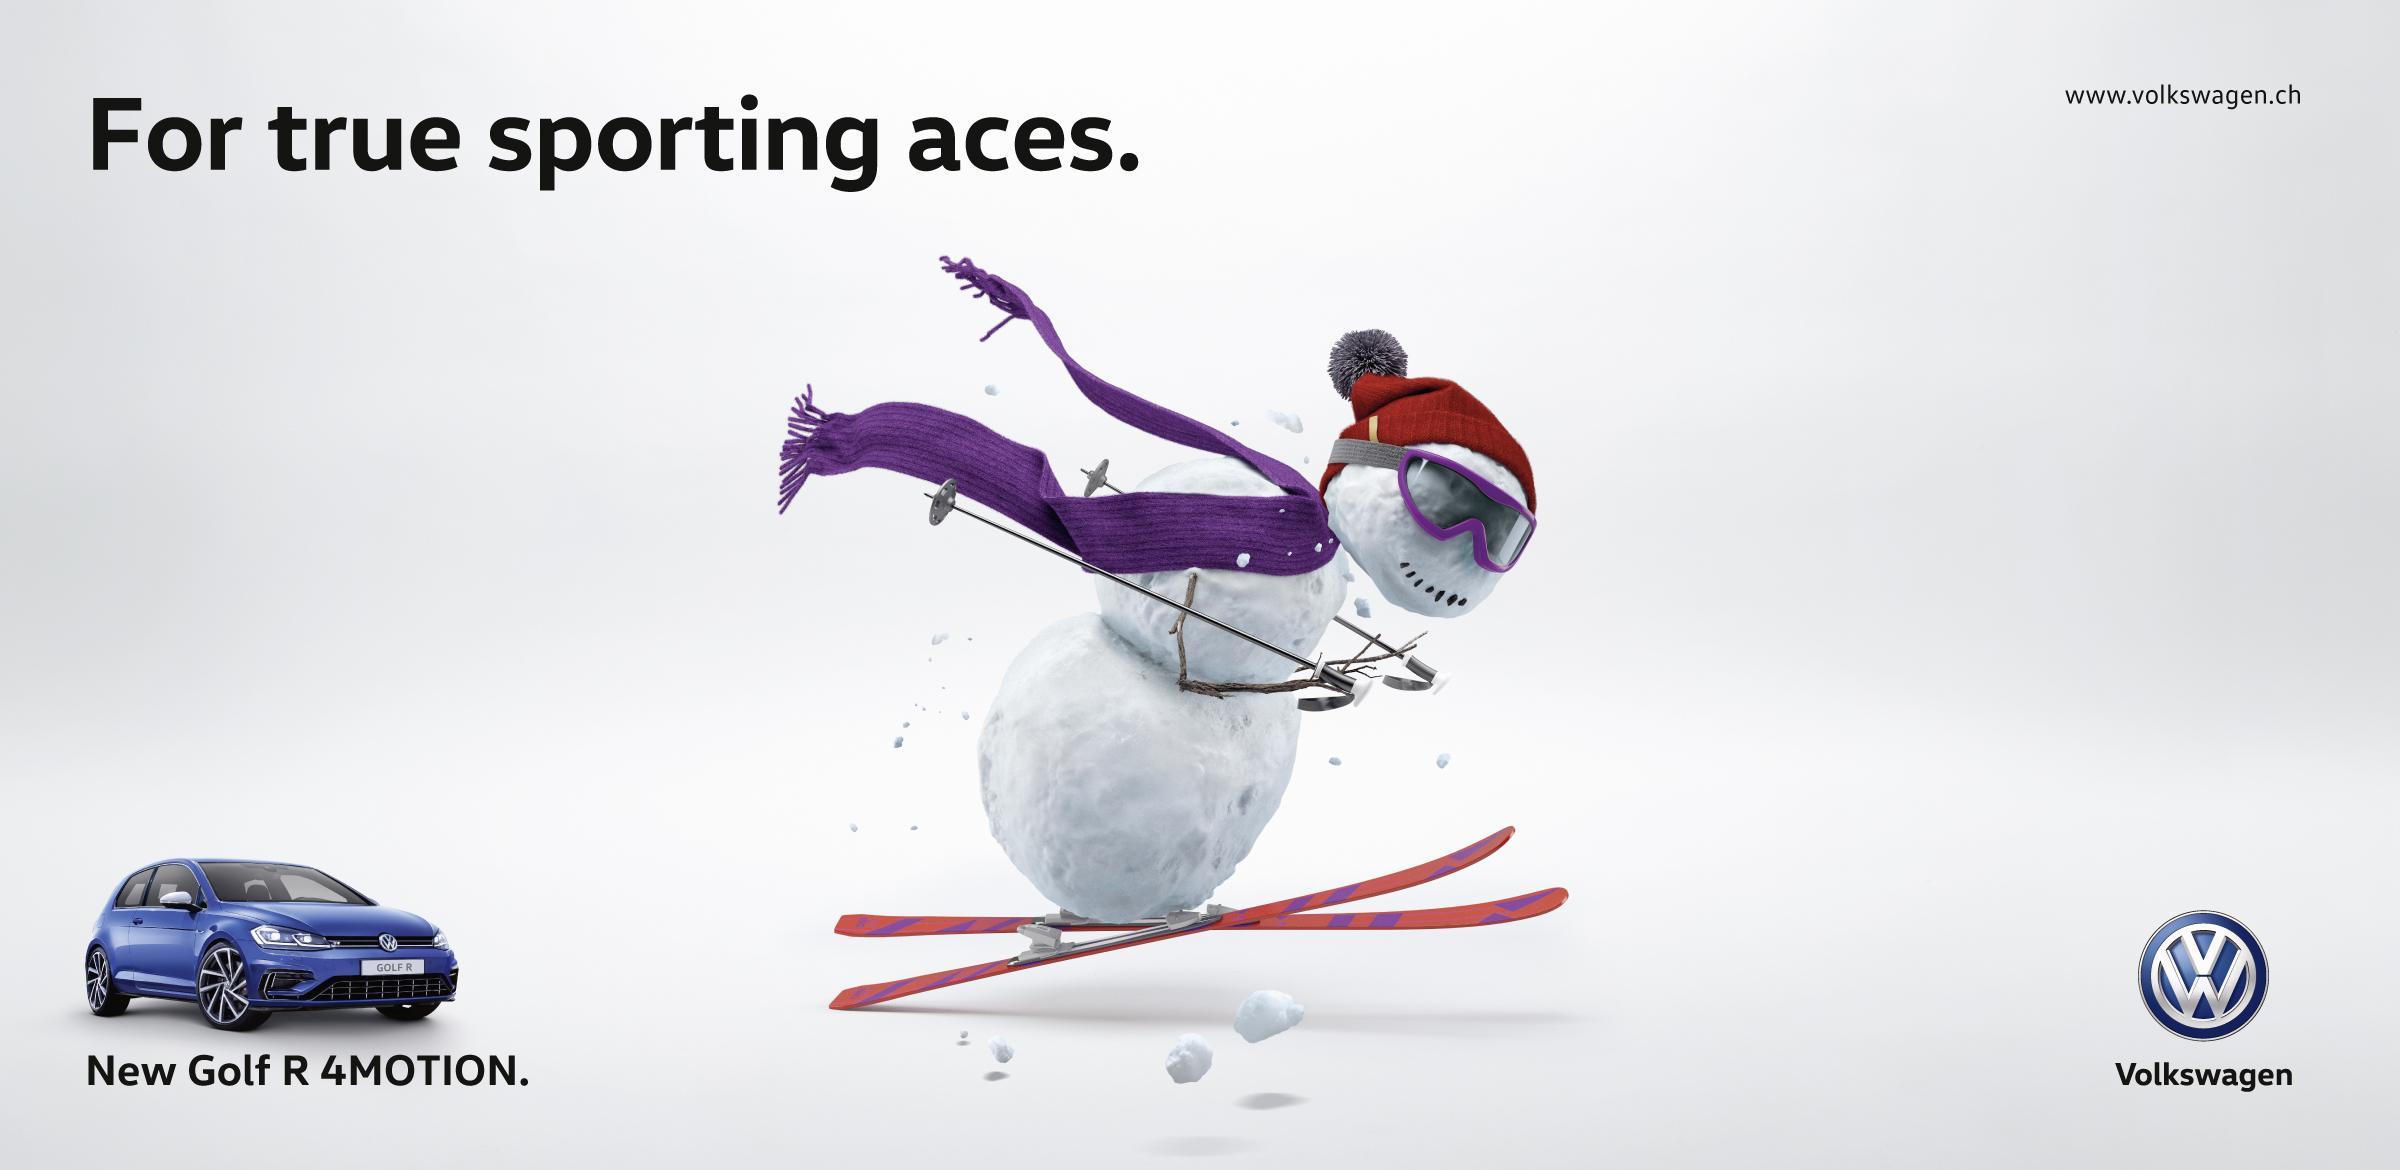 Volkswagen Outdoor Ad - Sporting Ace